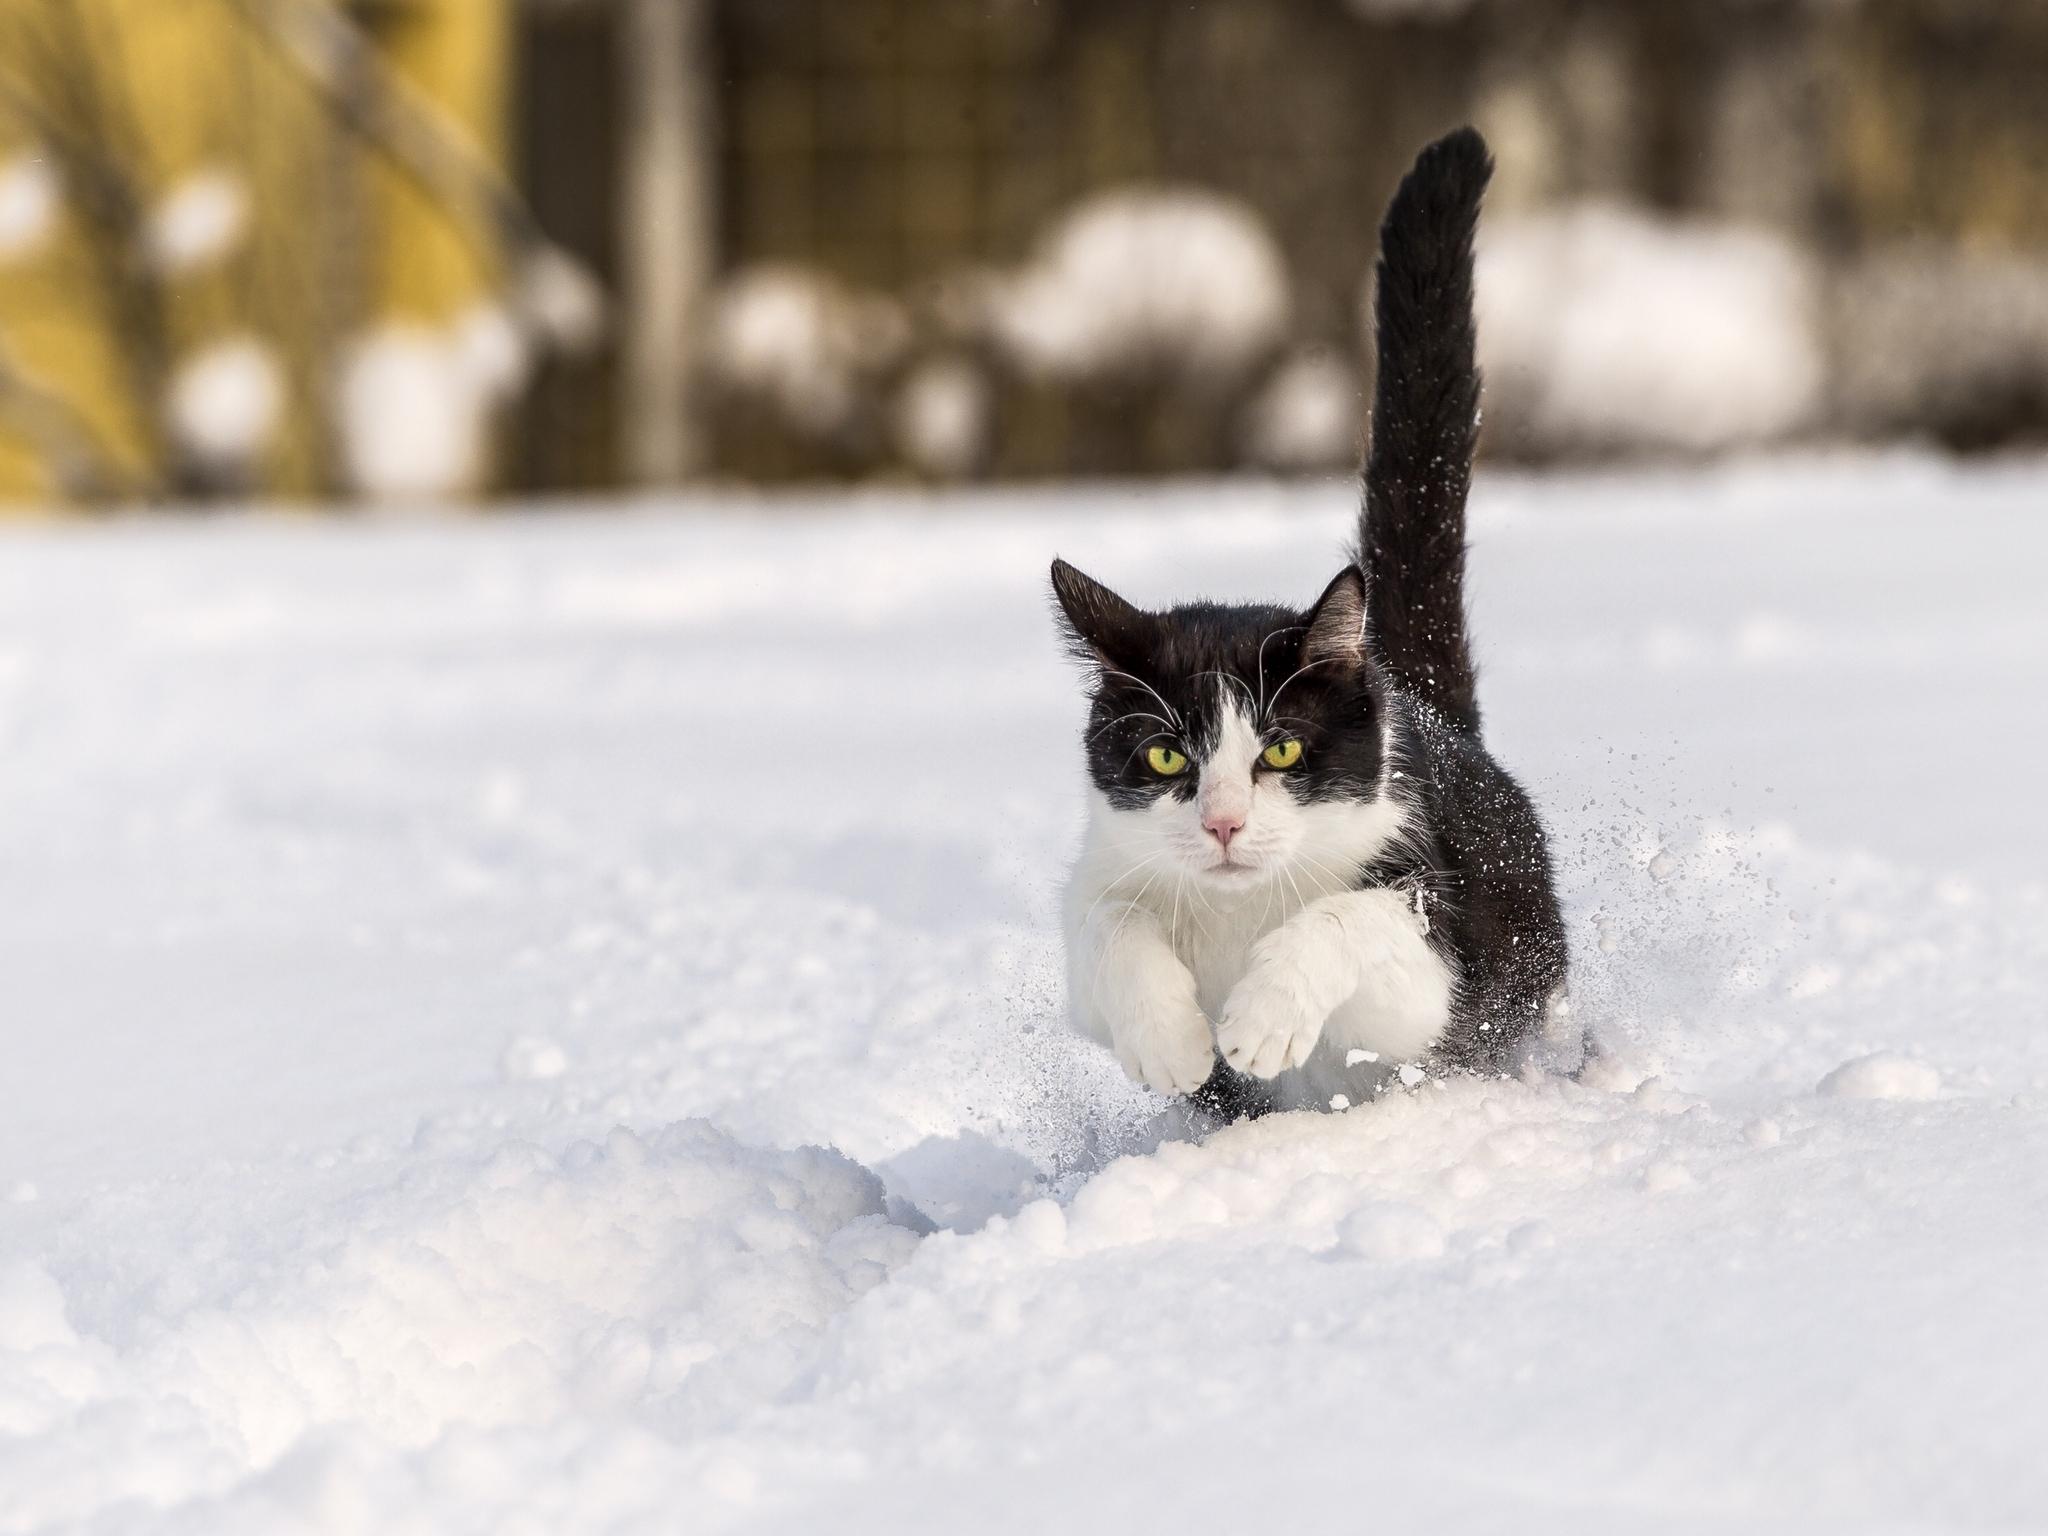 102467壁紙のダウンロード動物, ネコ, 猫, 冬, 雪, 跳ねる、弾む, 跳ねる-スクリーンセーバーと写真を無料で